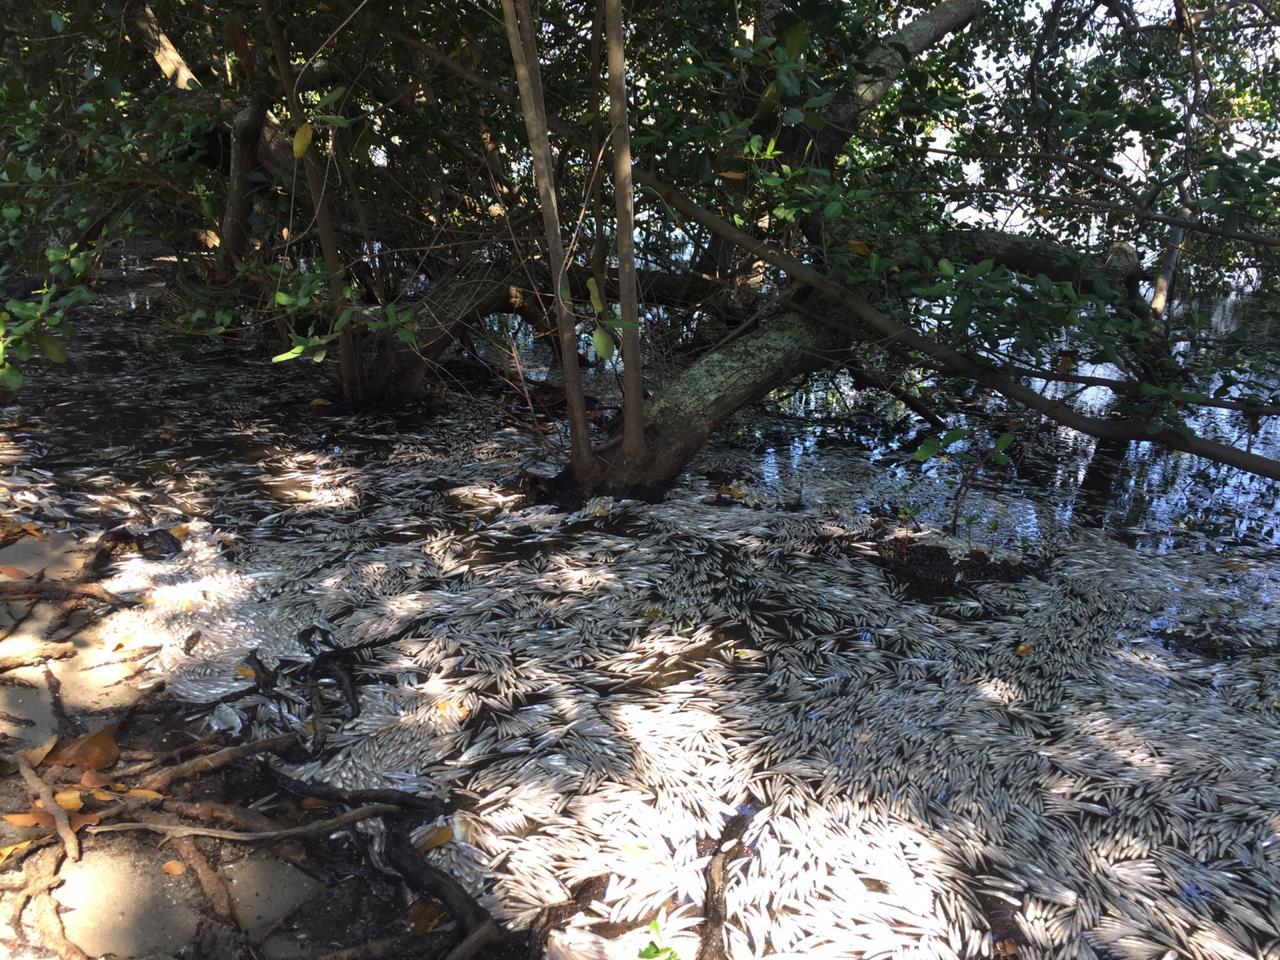 Milhares de pequenas savelhas mortas na Lagoa Rodrigo de Freitas. Foto Agostinho Vieira